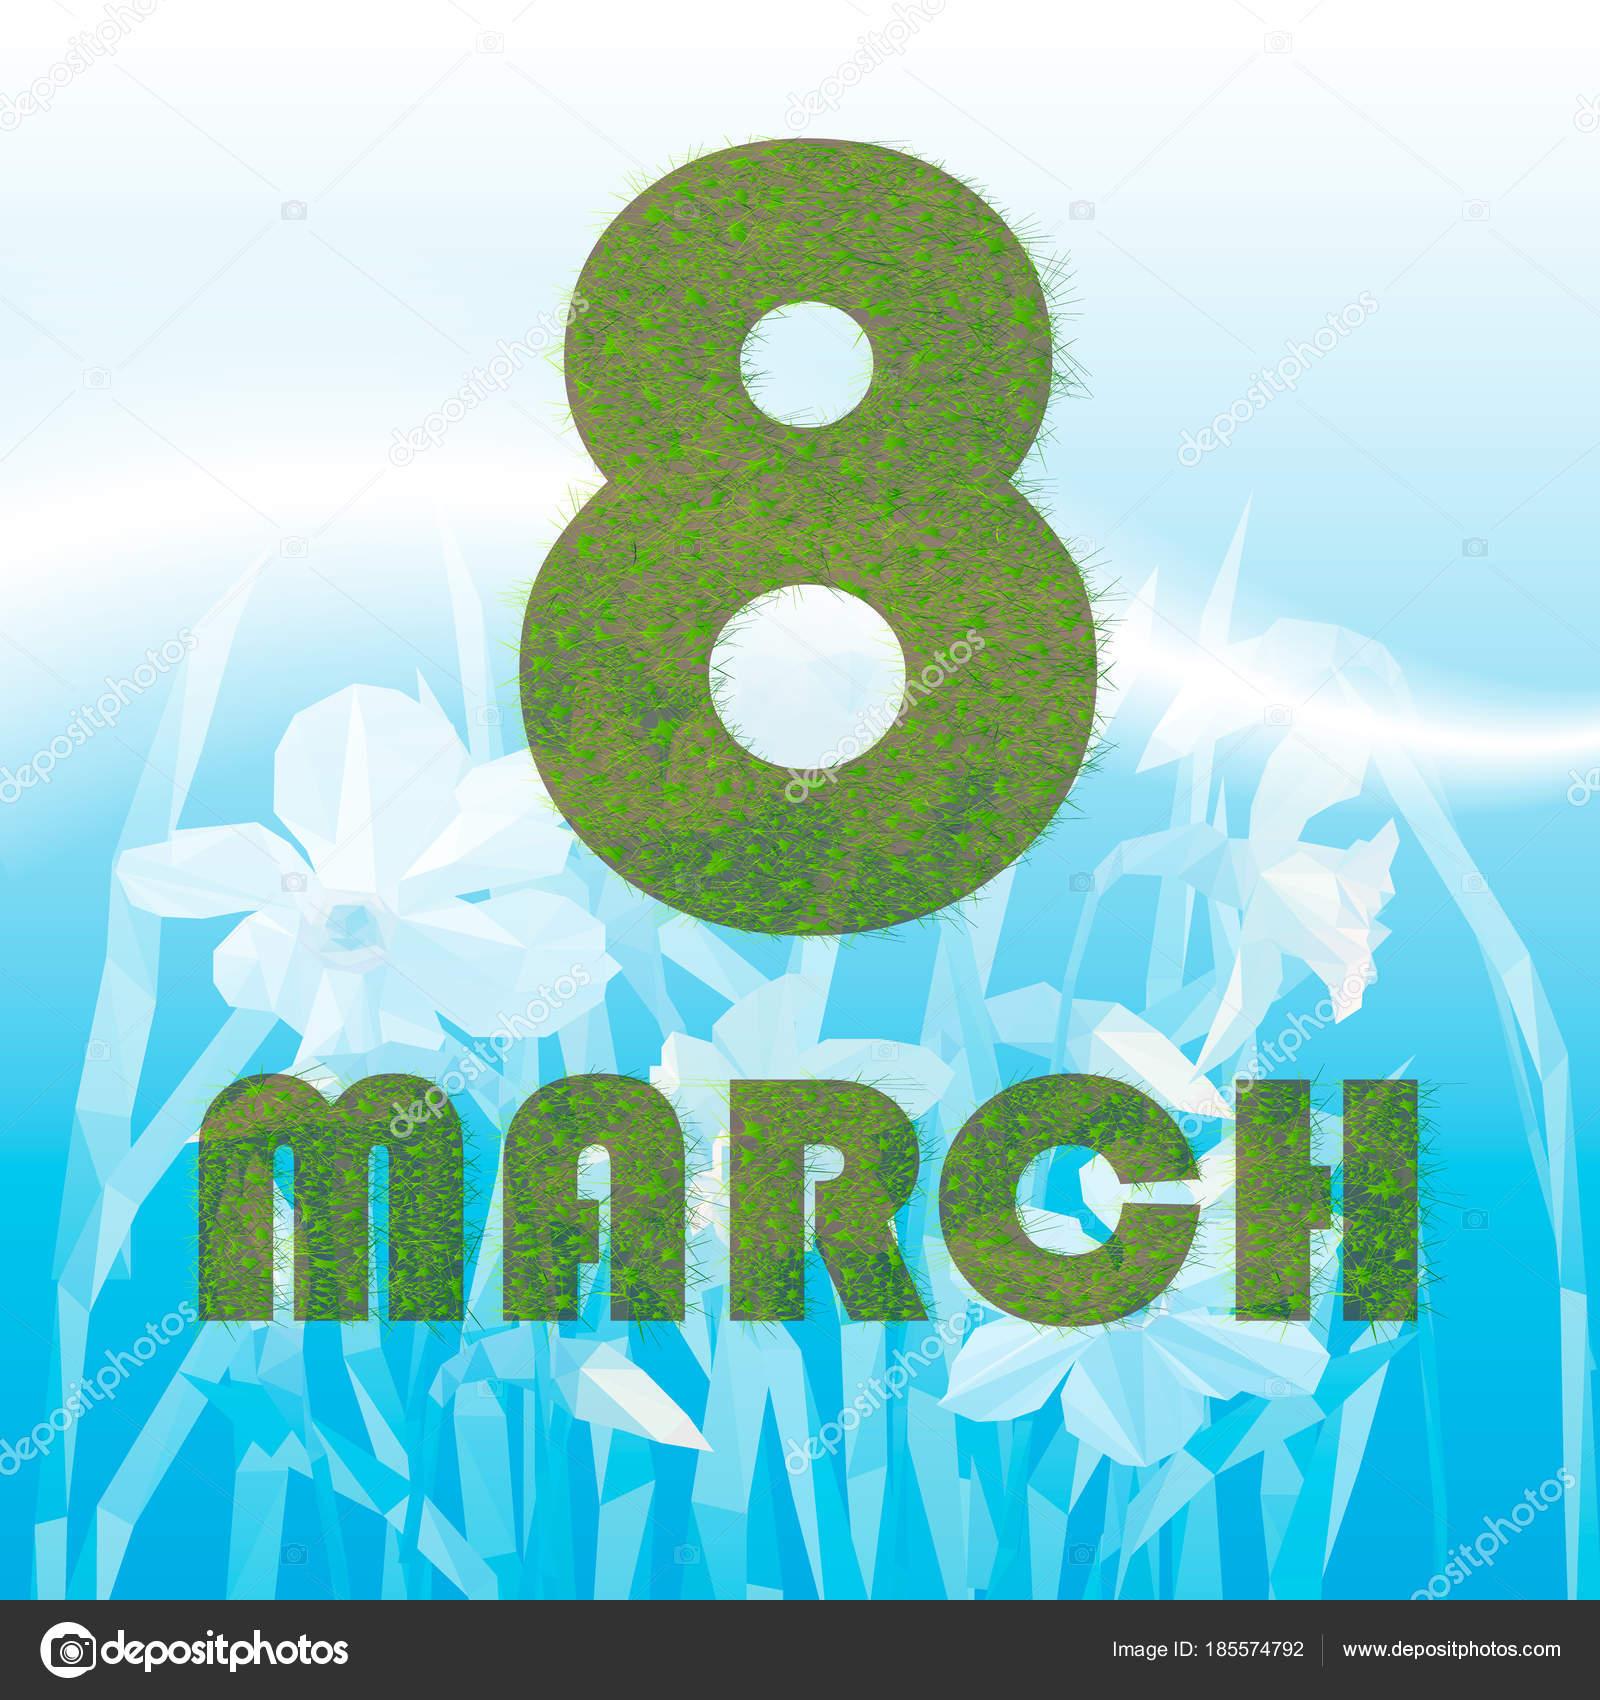 Mart: Her gün insanların işaretleri